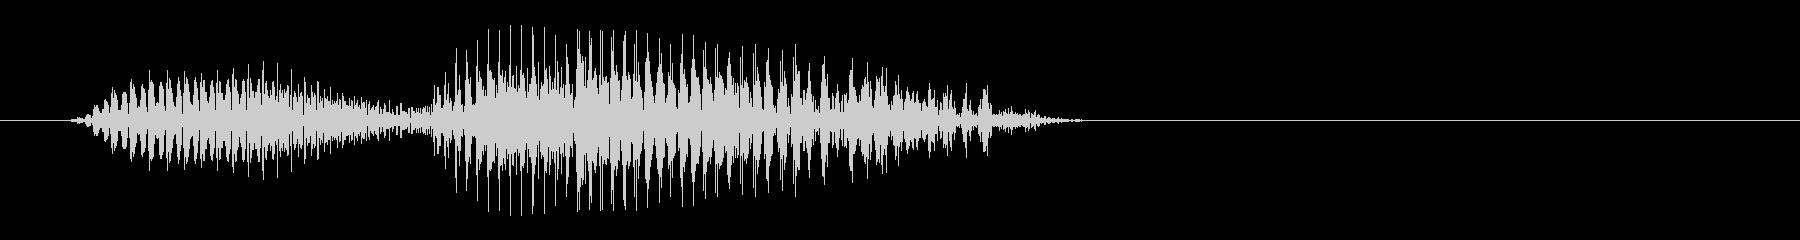 ピュウー(素早いUFOの飛行音)の未再生の波形